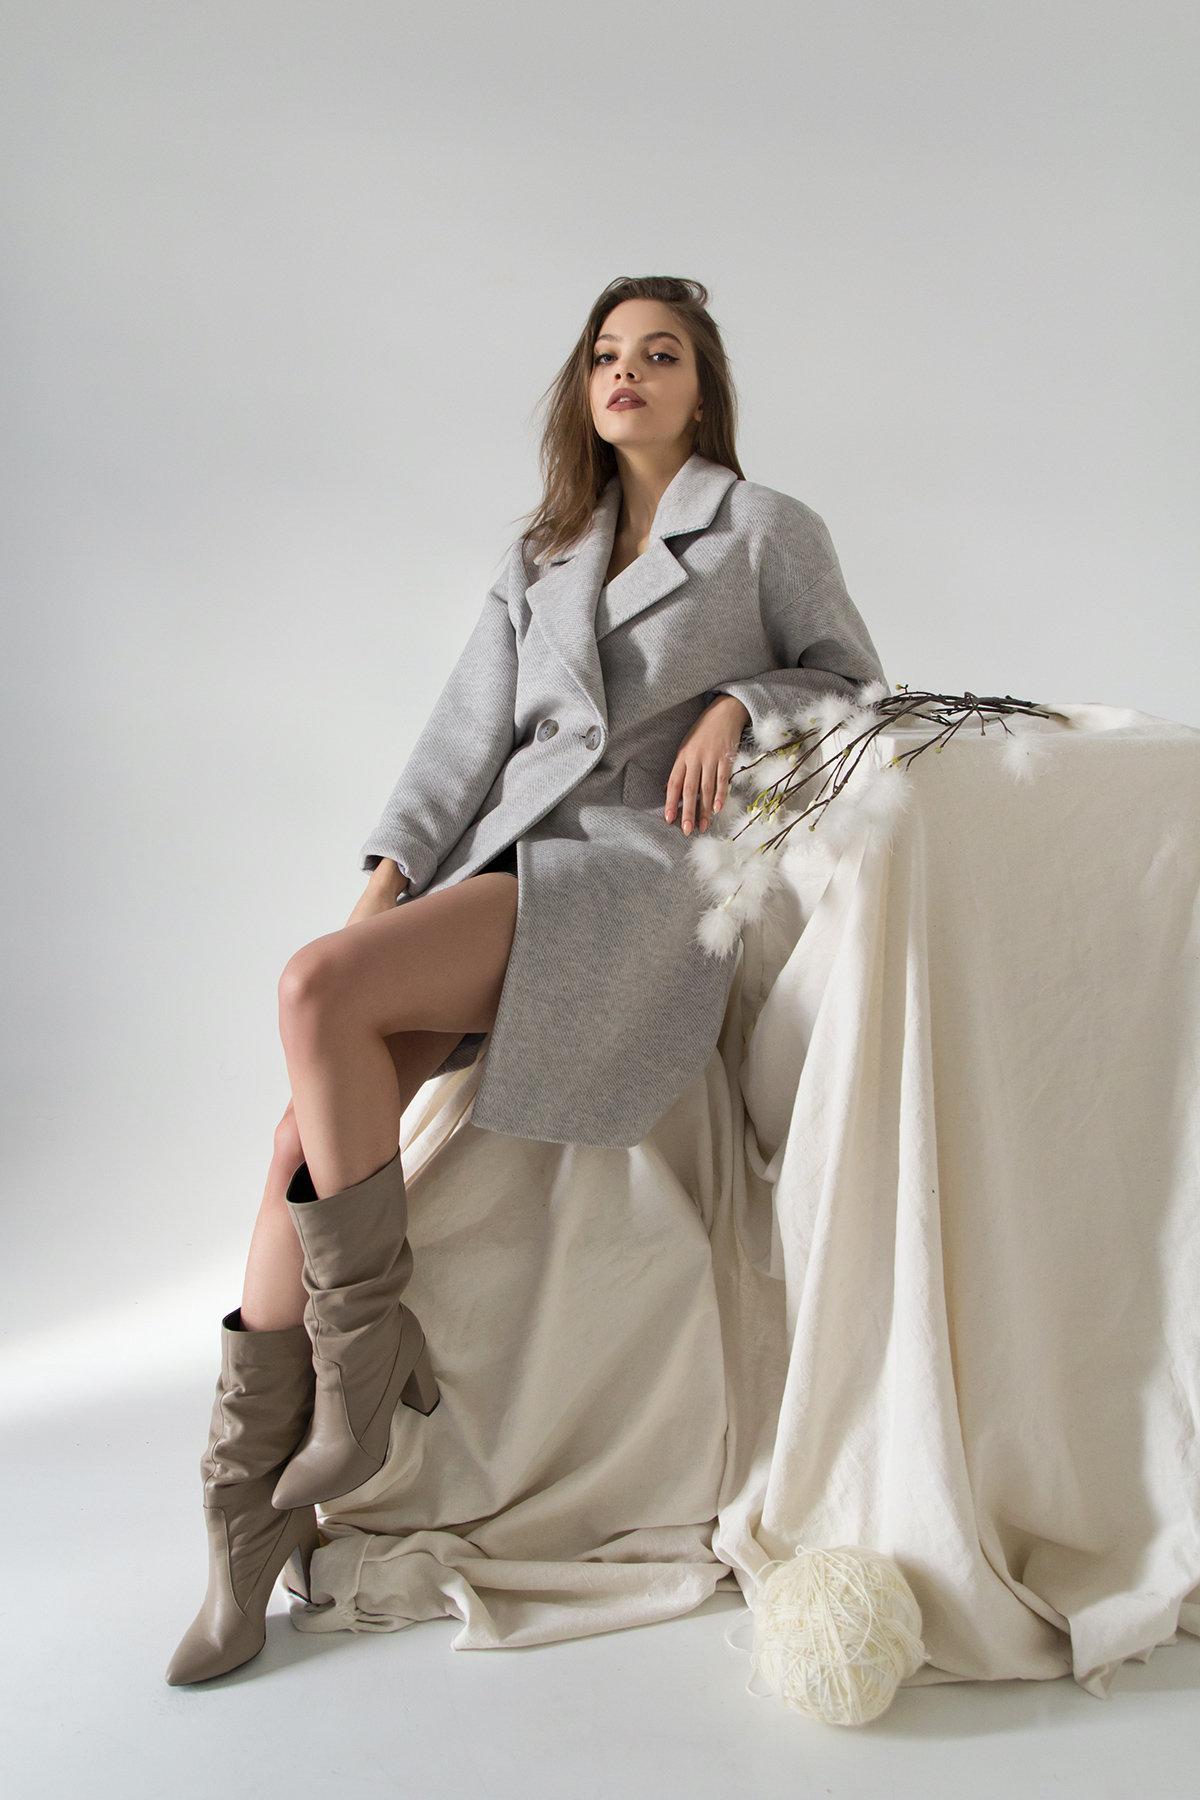 Демисезонное двубортное пальто Сенсей 8845 АРТ. 45170 Цвет: Светло серый - фото 2, интернет магазин tm-modus.ru